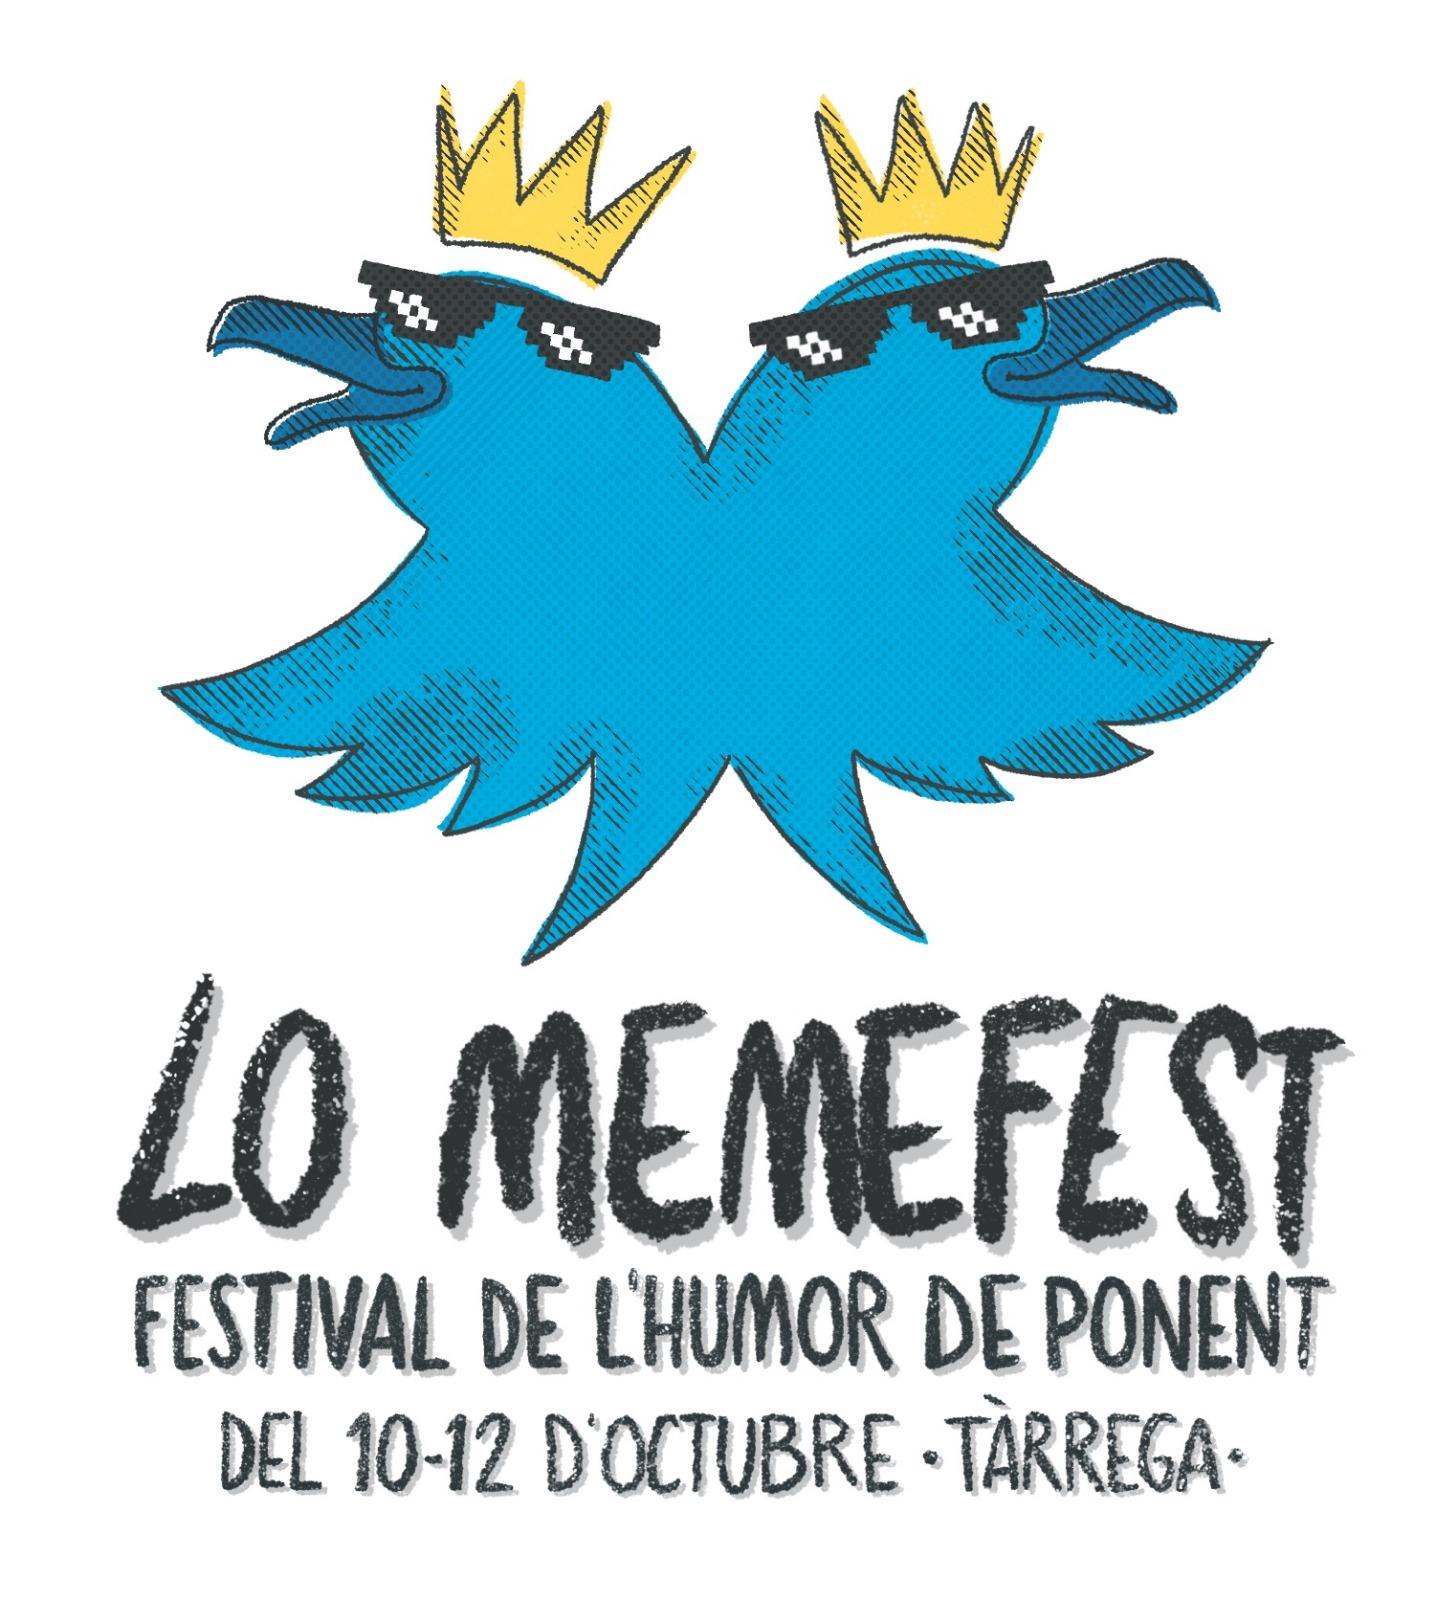 Tàrrega estrenarà un festival de l'humor a l'octubre organitzat per Agrat